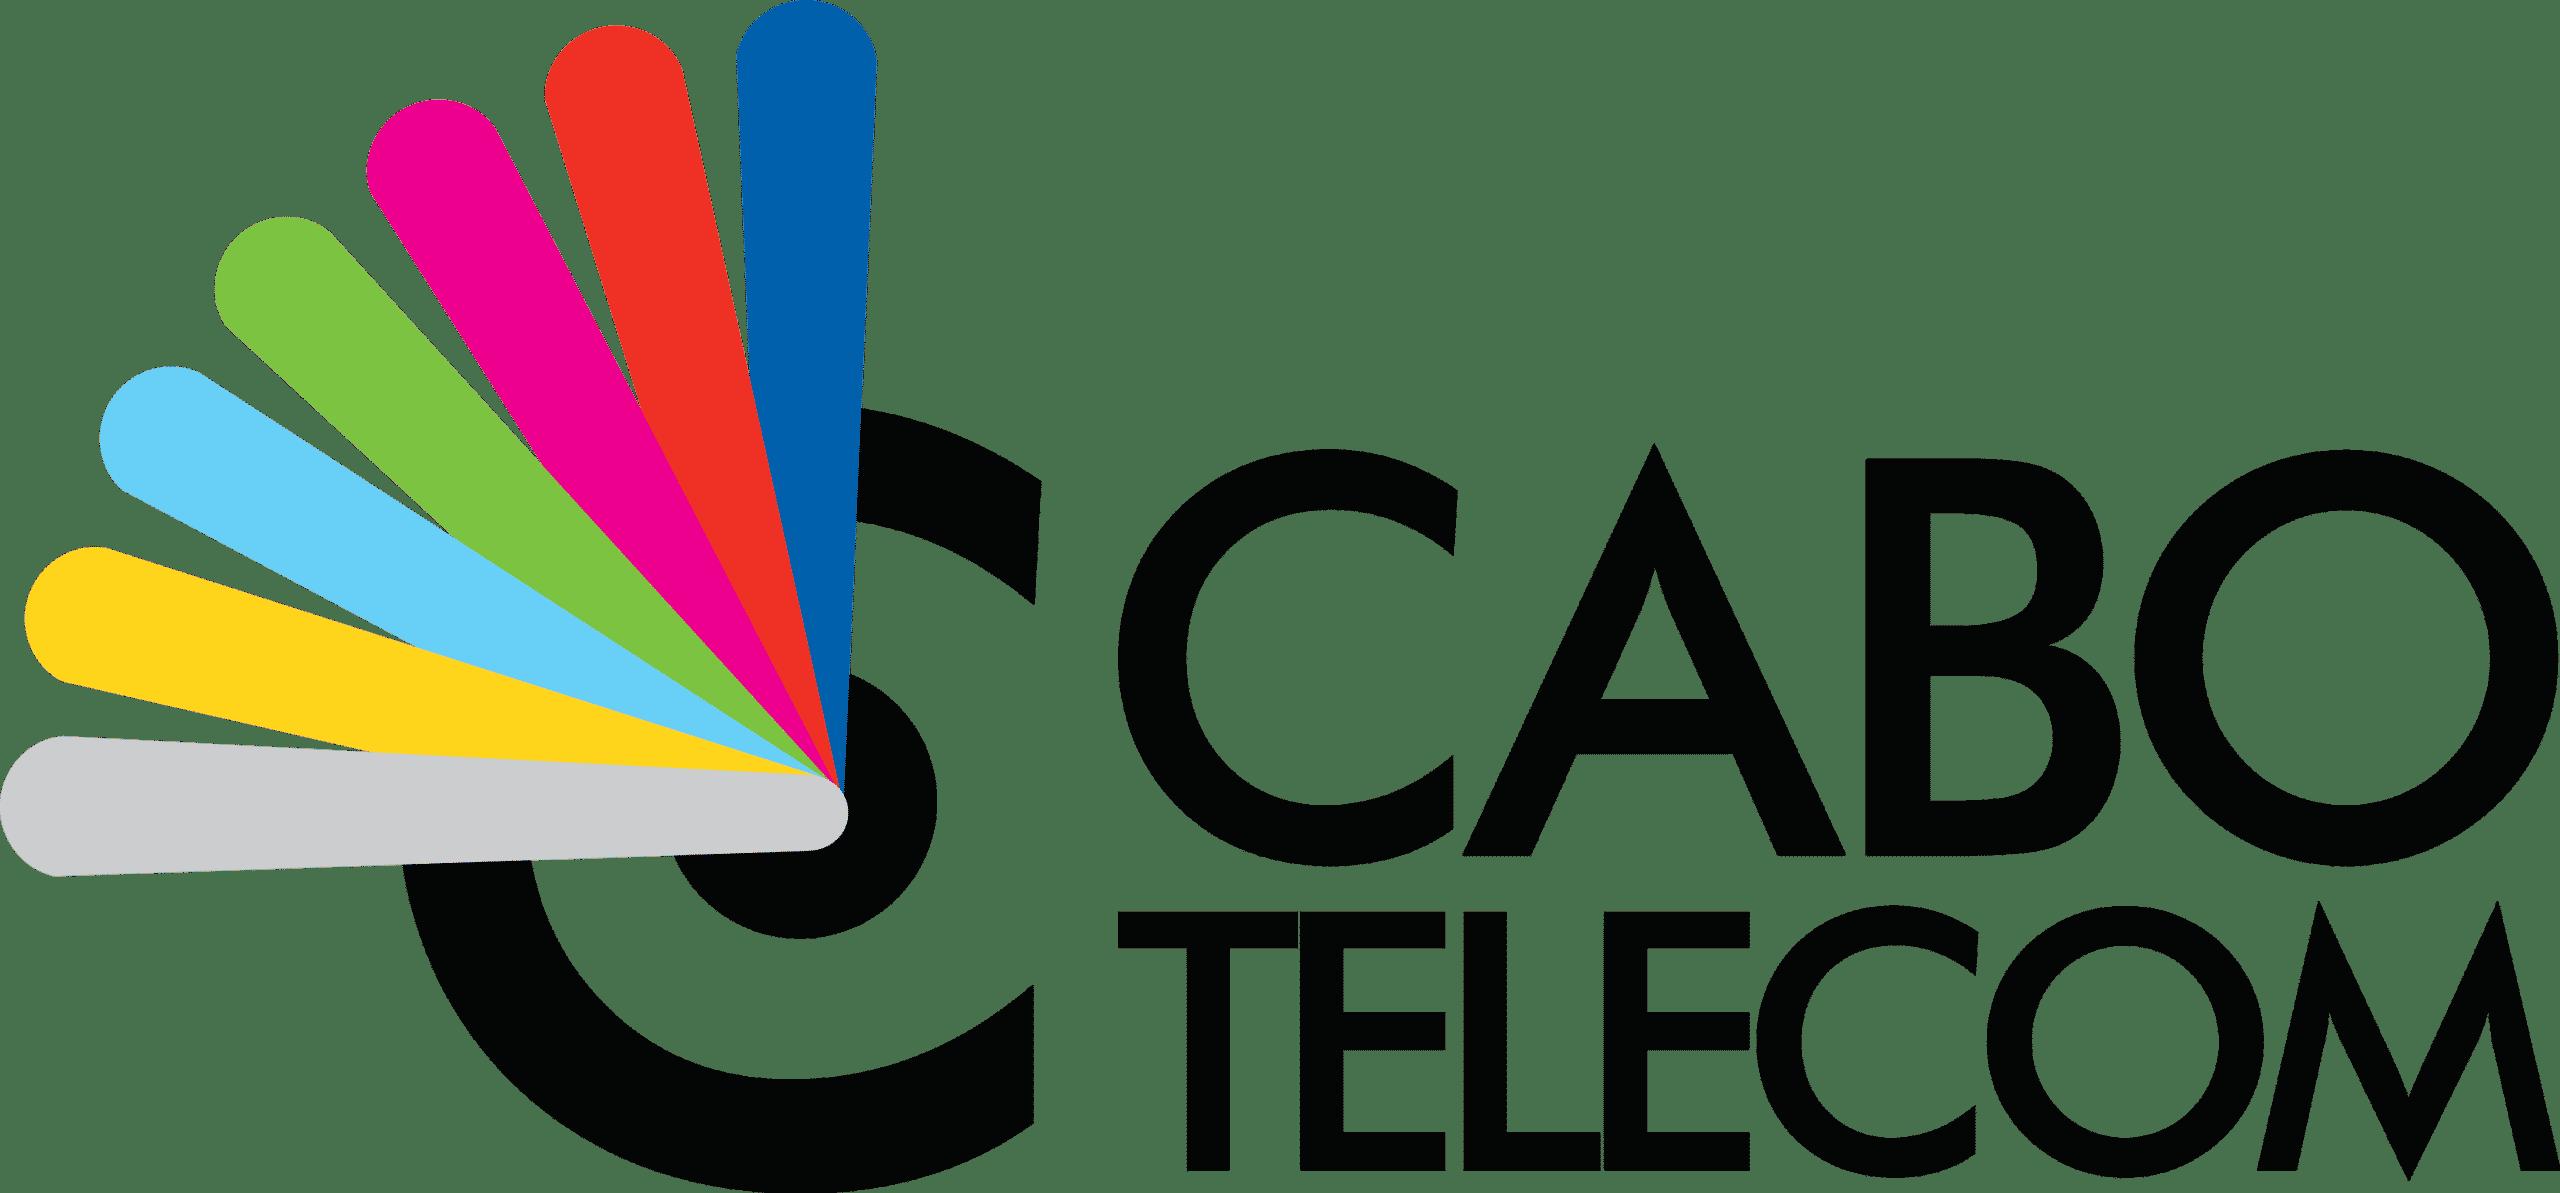 cabotelecom